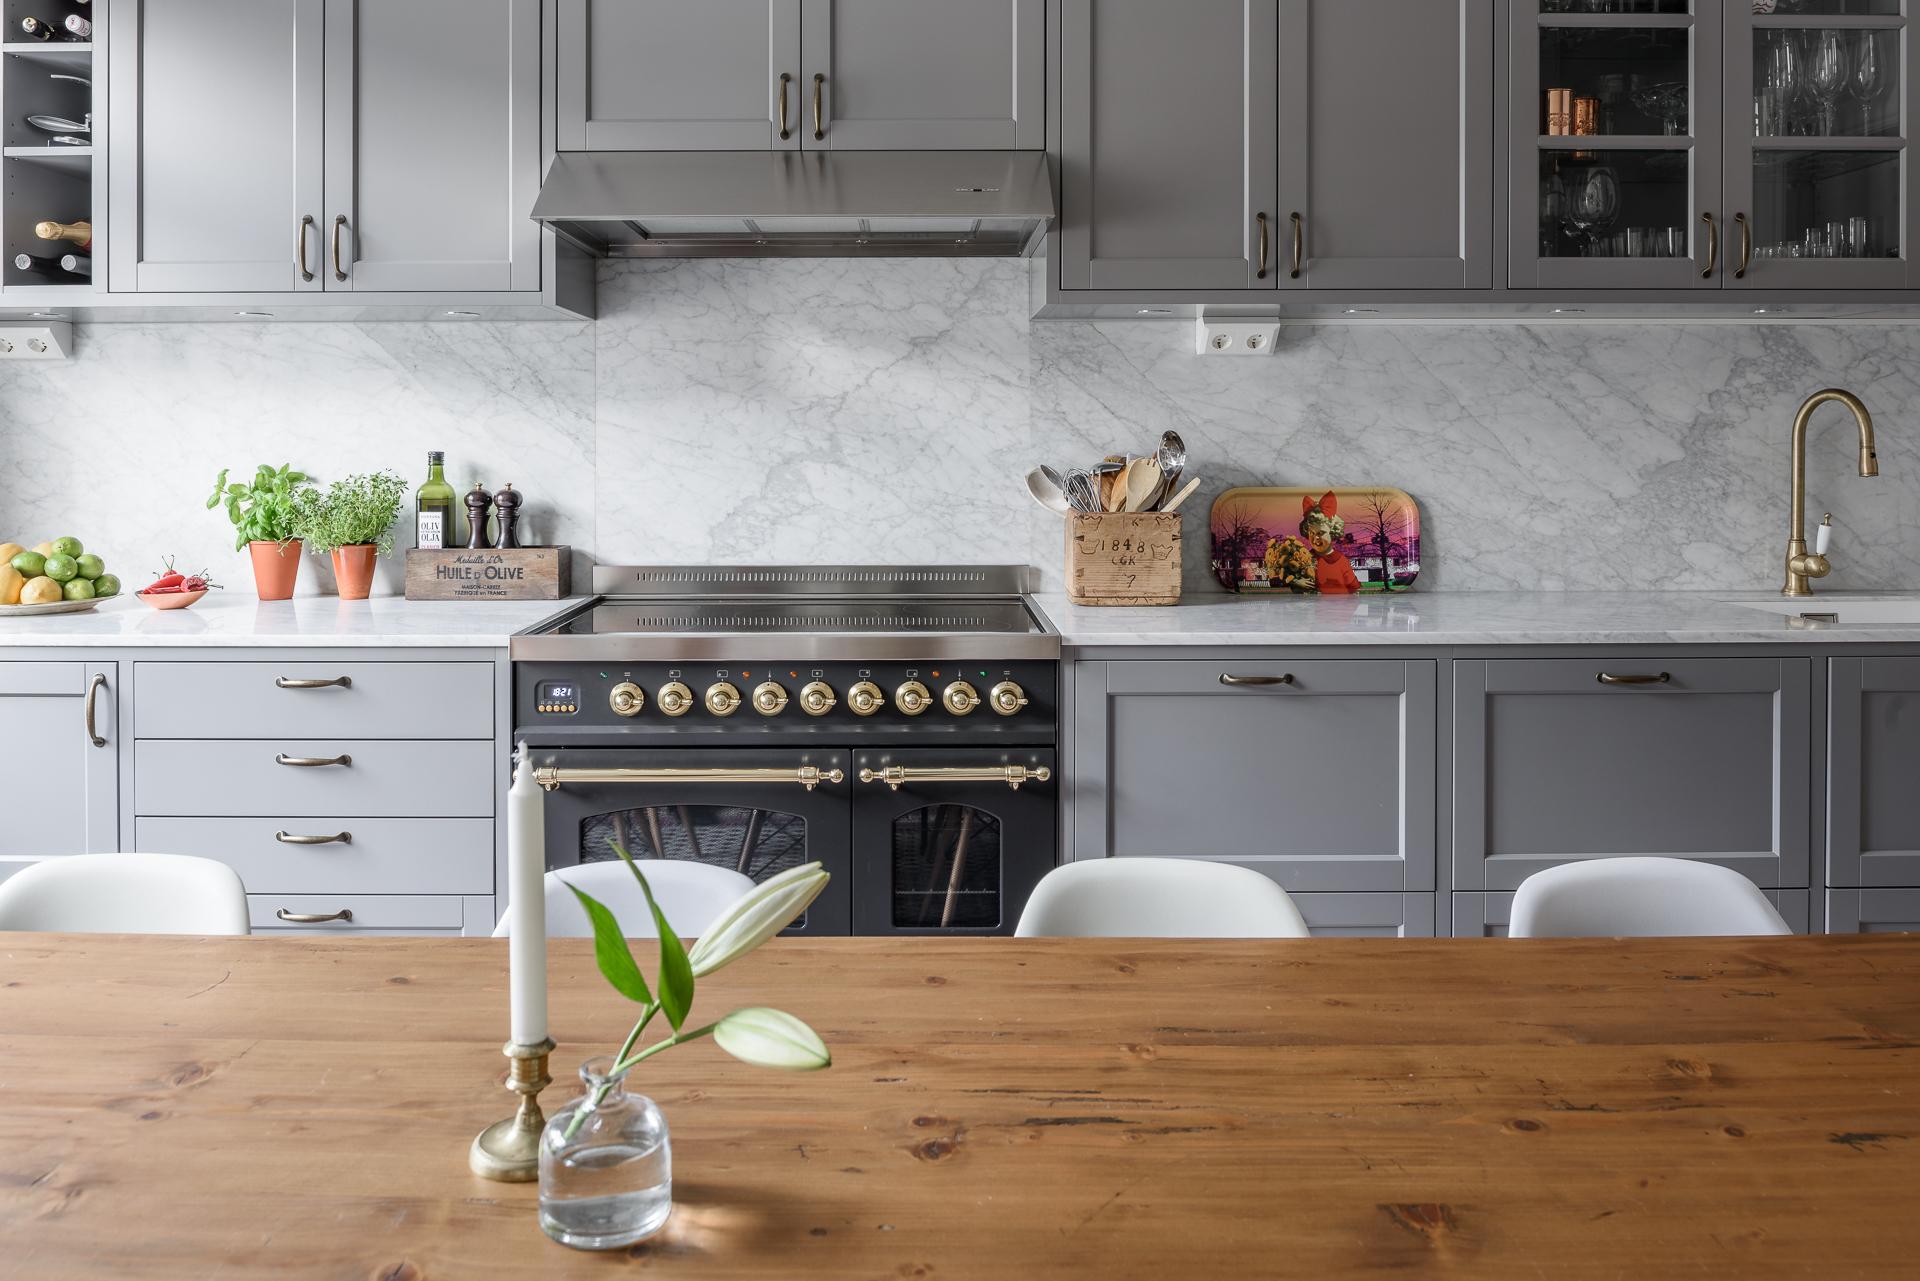 кухонная мебель столешница мрамор плита вытяжка деревянный стол